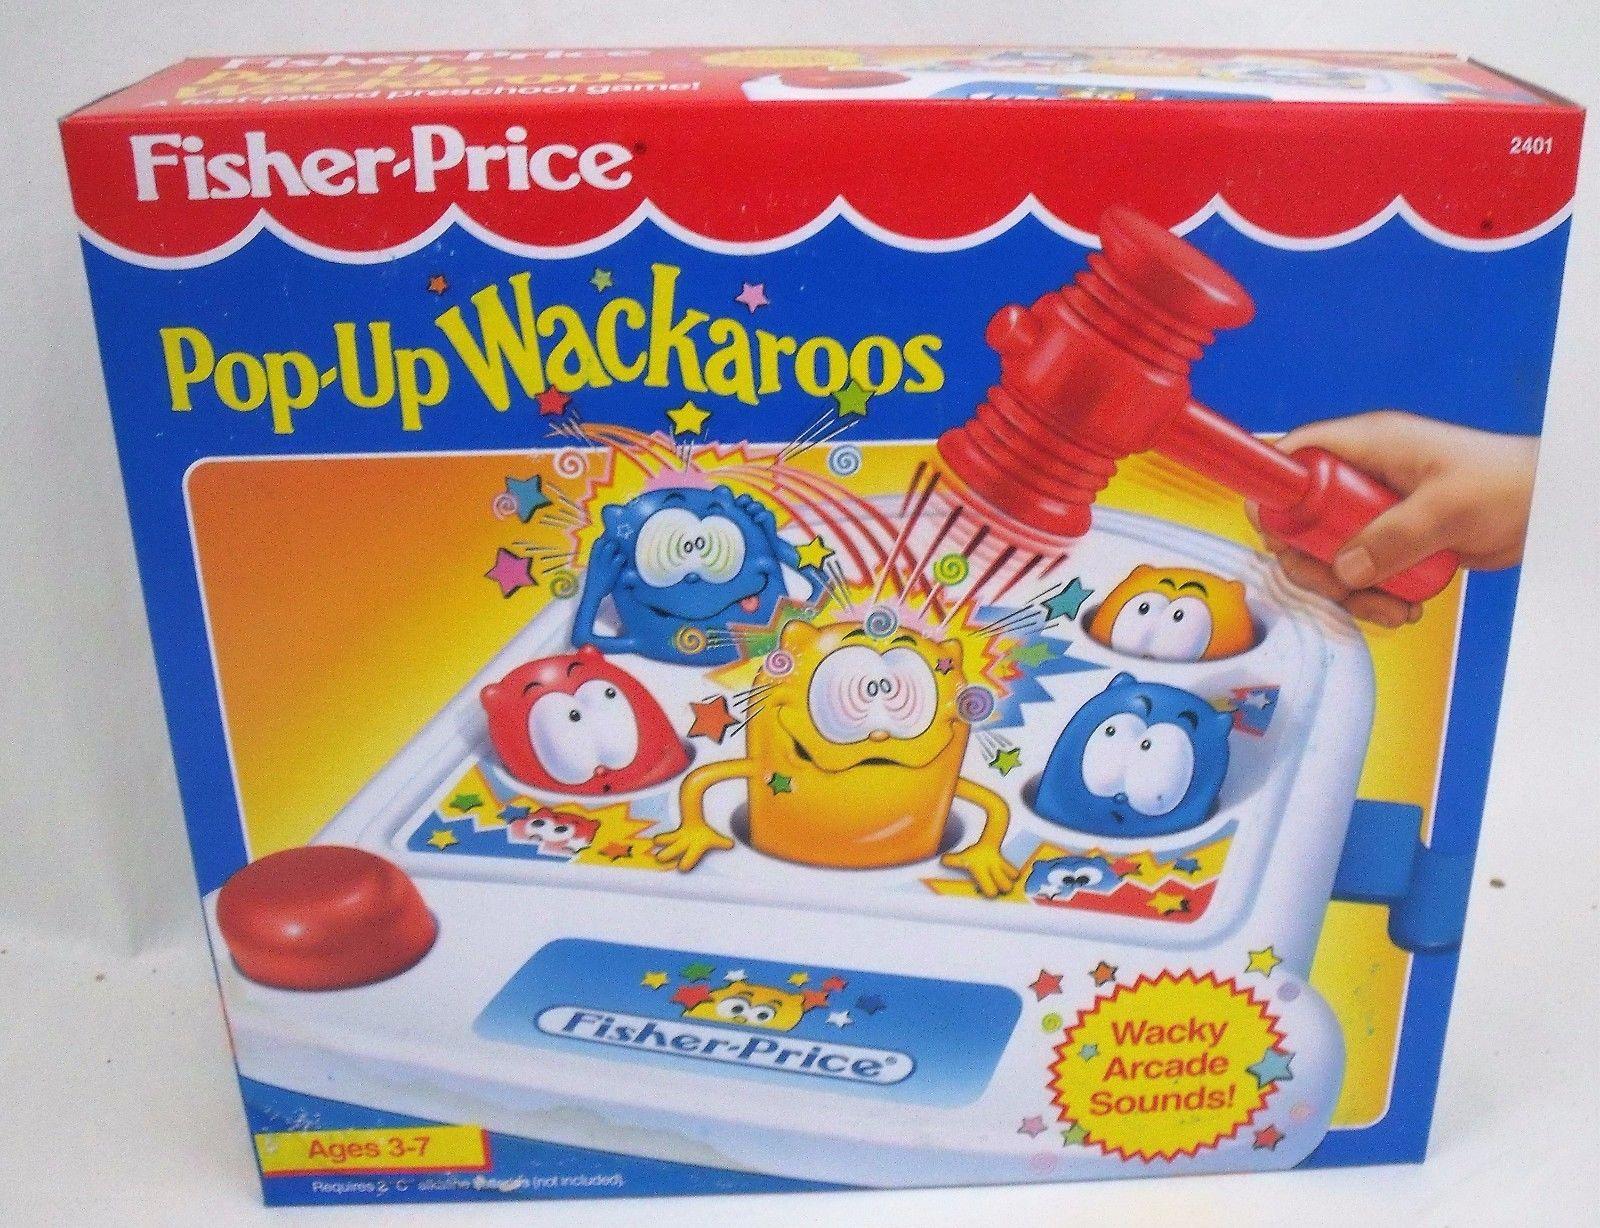 Pop-Up Wackaroos